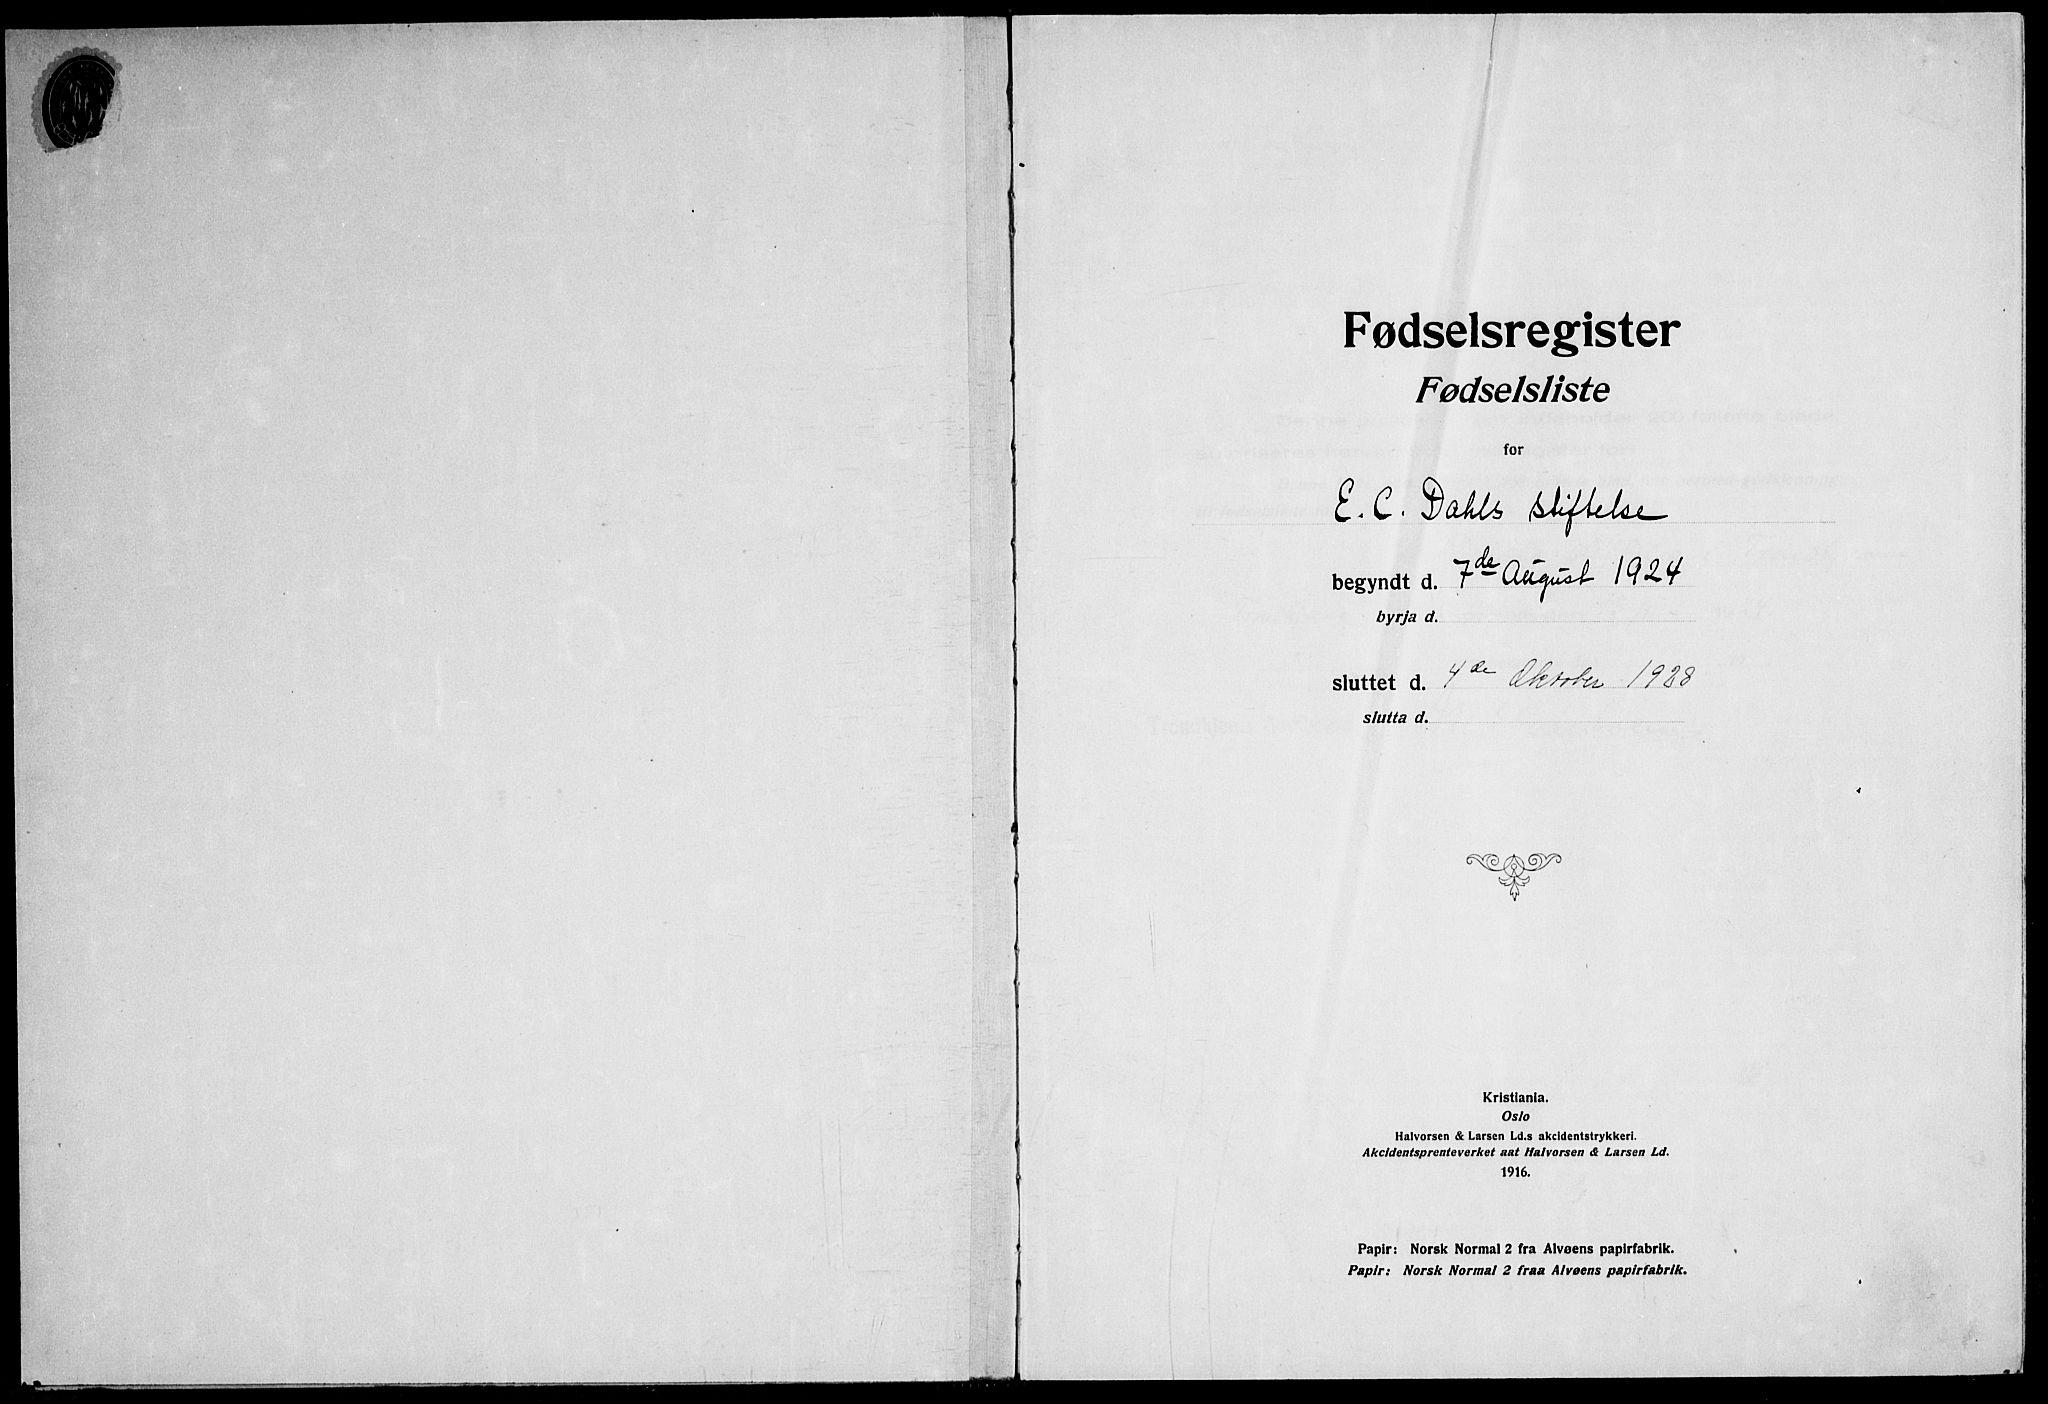 SAT, Ministerialprotokoller, klokkerbøker og fødselsregistre - Sør-Trøndelag, 600/L0004: Birth register no. 600.II.4.3, 1924-1928